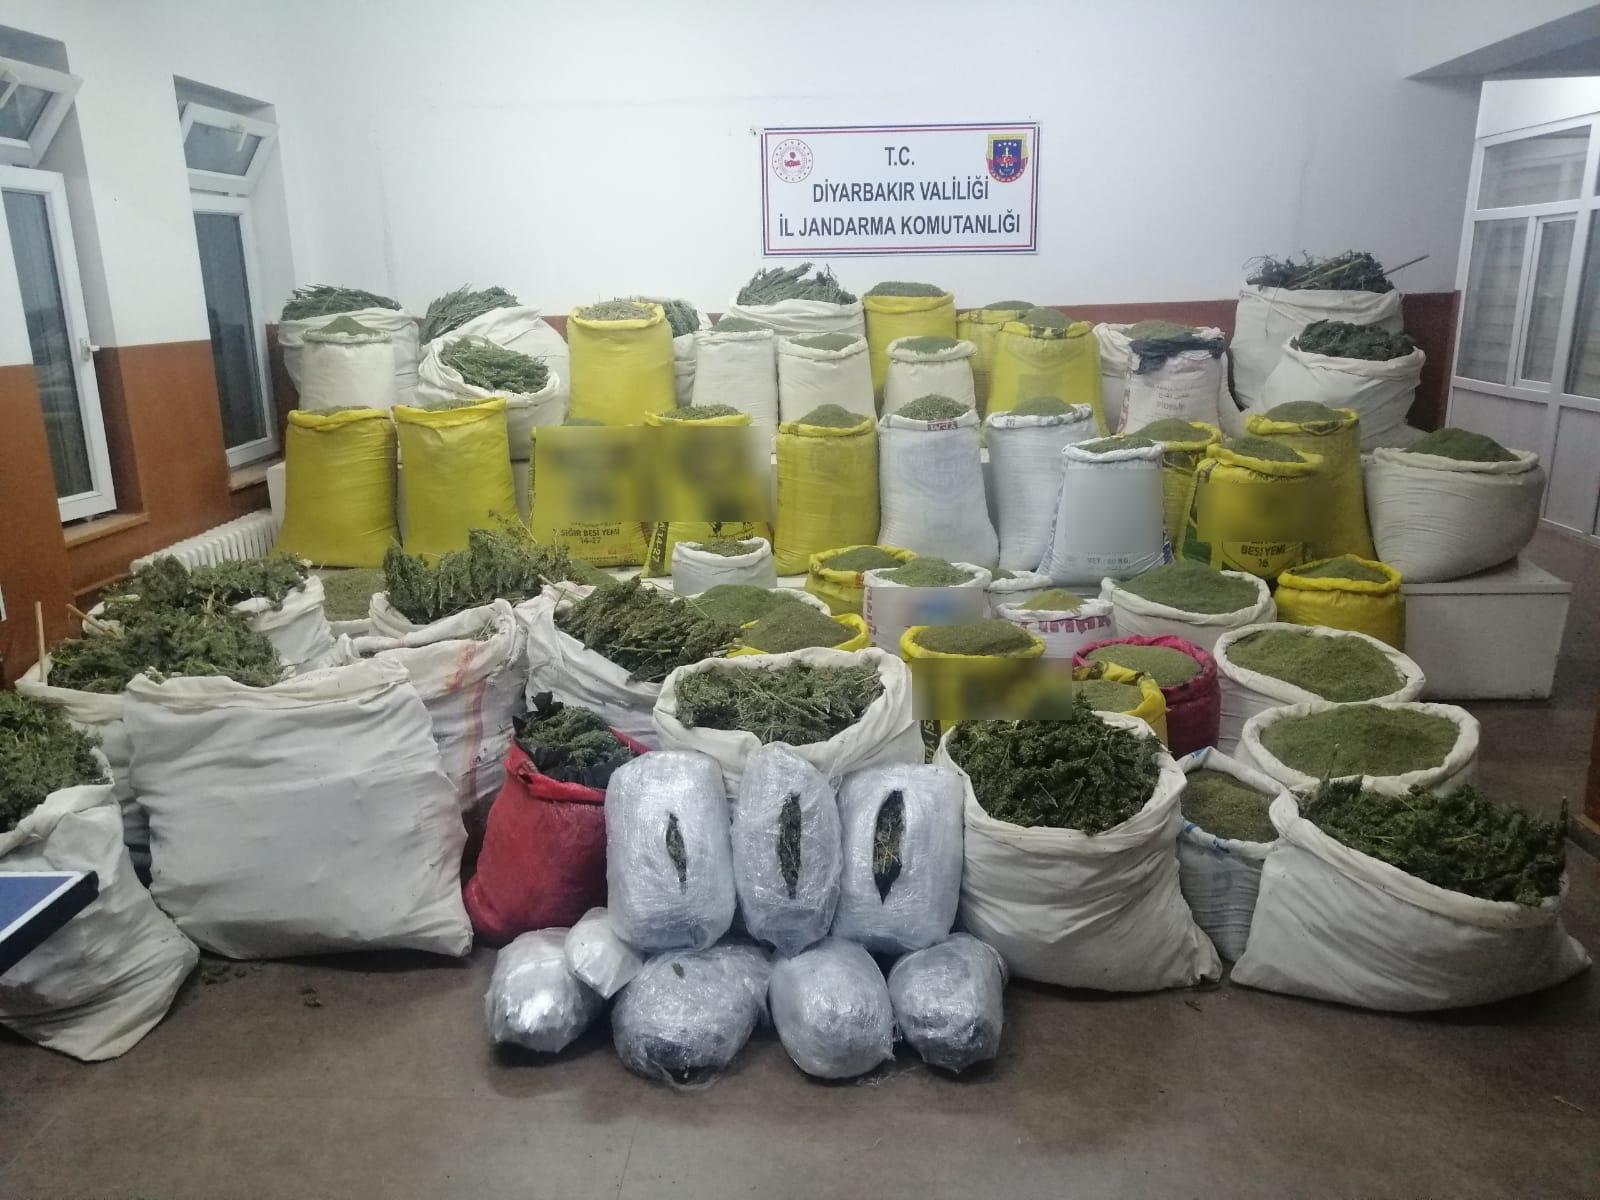 Diyarbakır'da 1 Ton 724 Kilogram Esrar Maddesi Ele Geçirildi